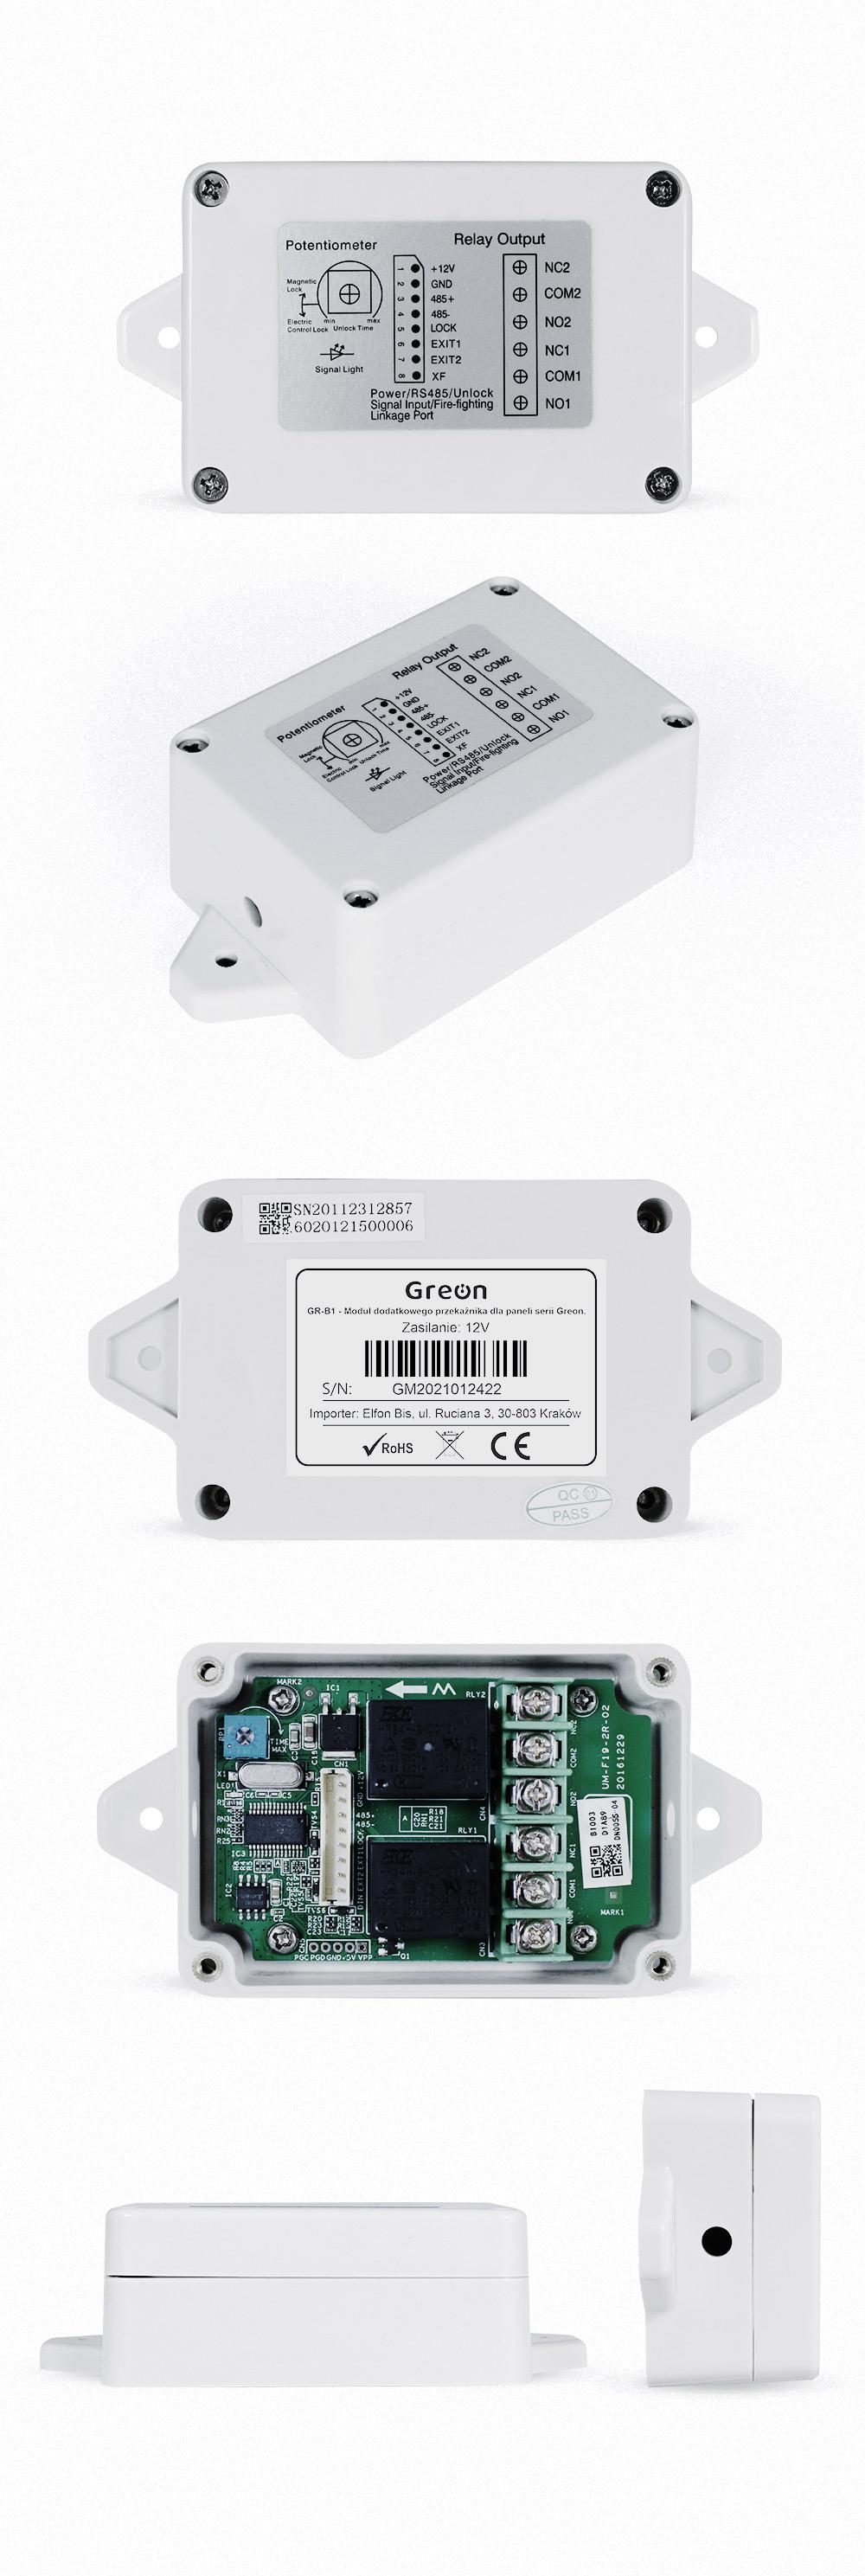 GR-B1 Moduł dodatkowego przekaźnika dla paneli serii Greon